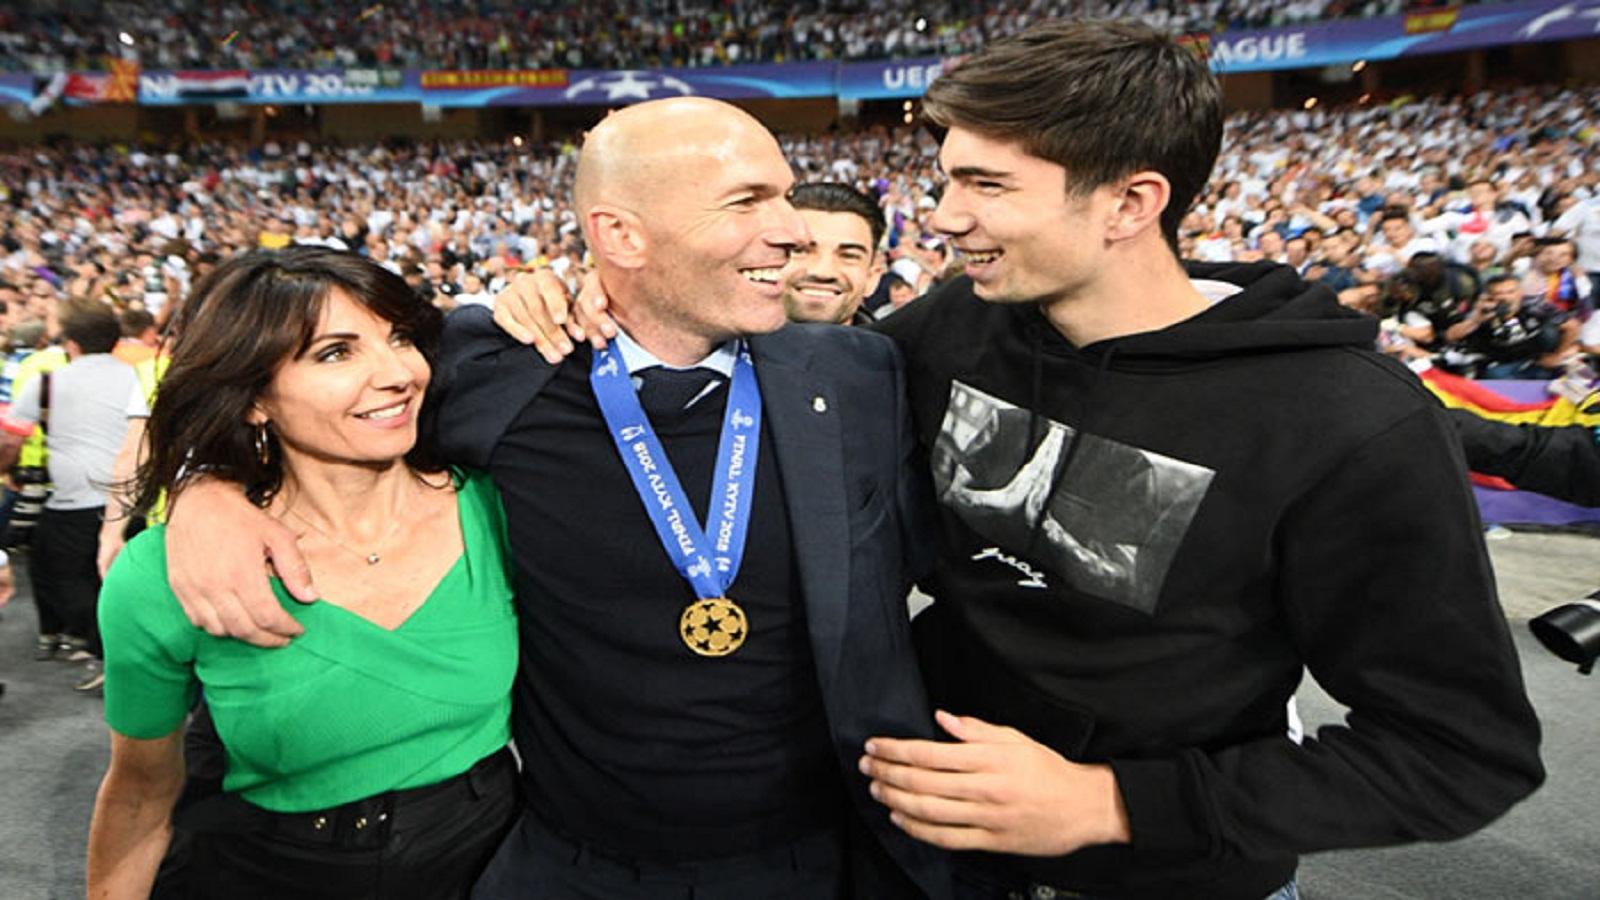 VÍDEO: Razones por las cuales Zidane no continuara con el Real Madrid